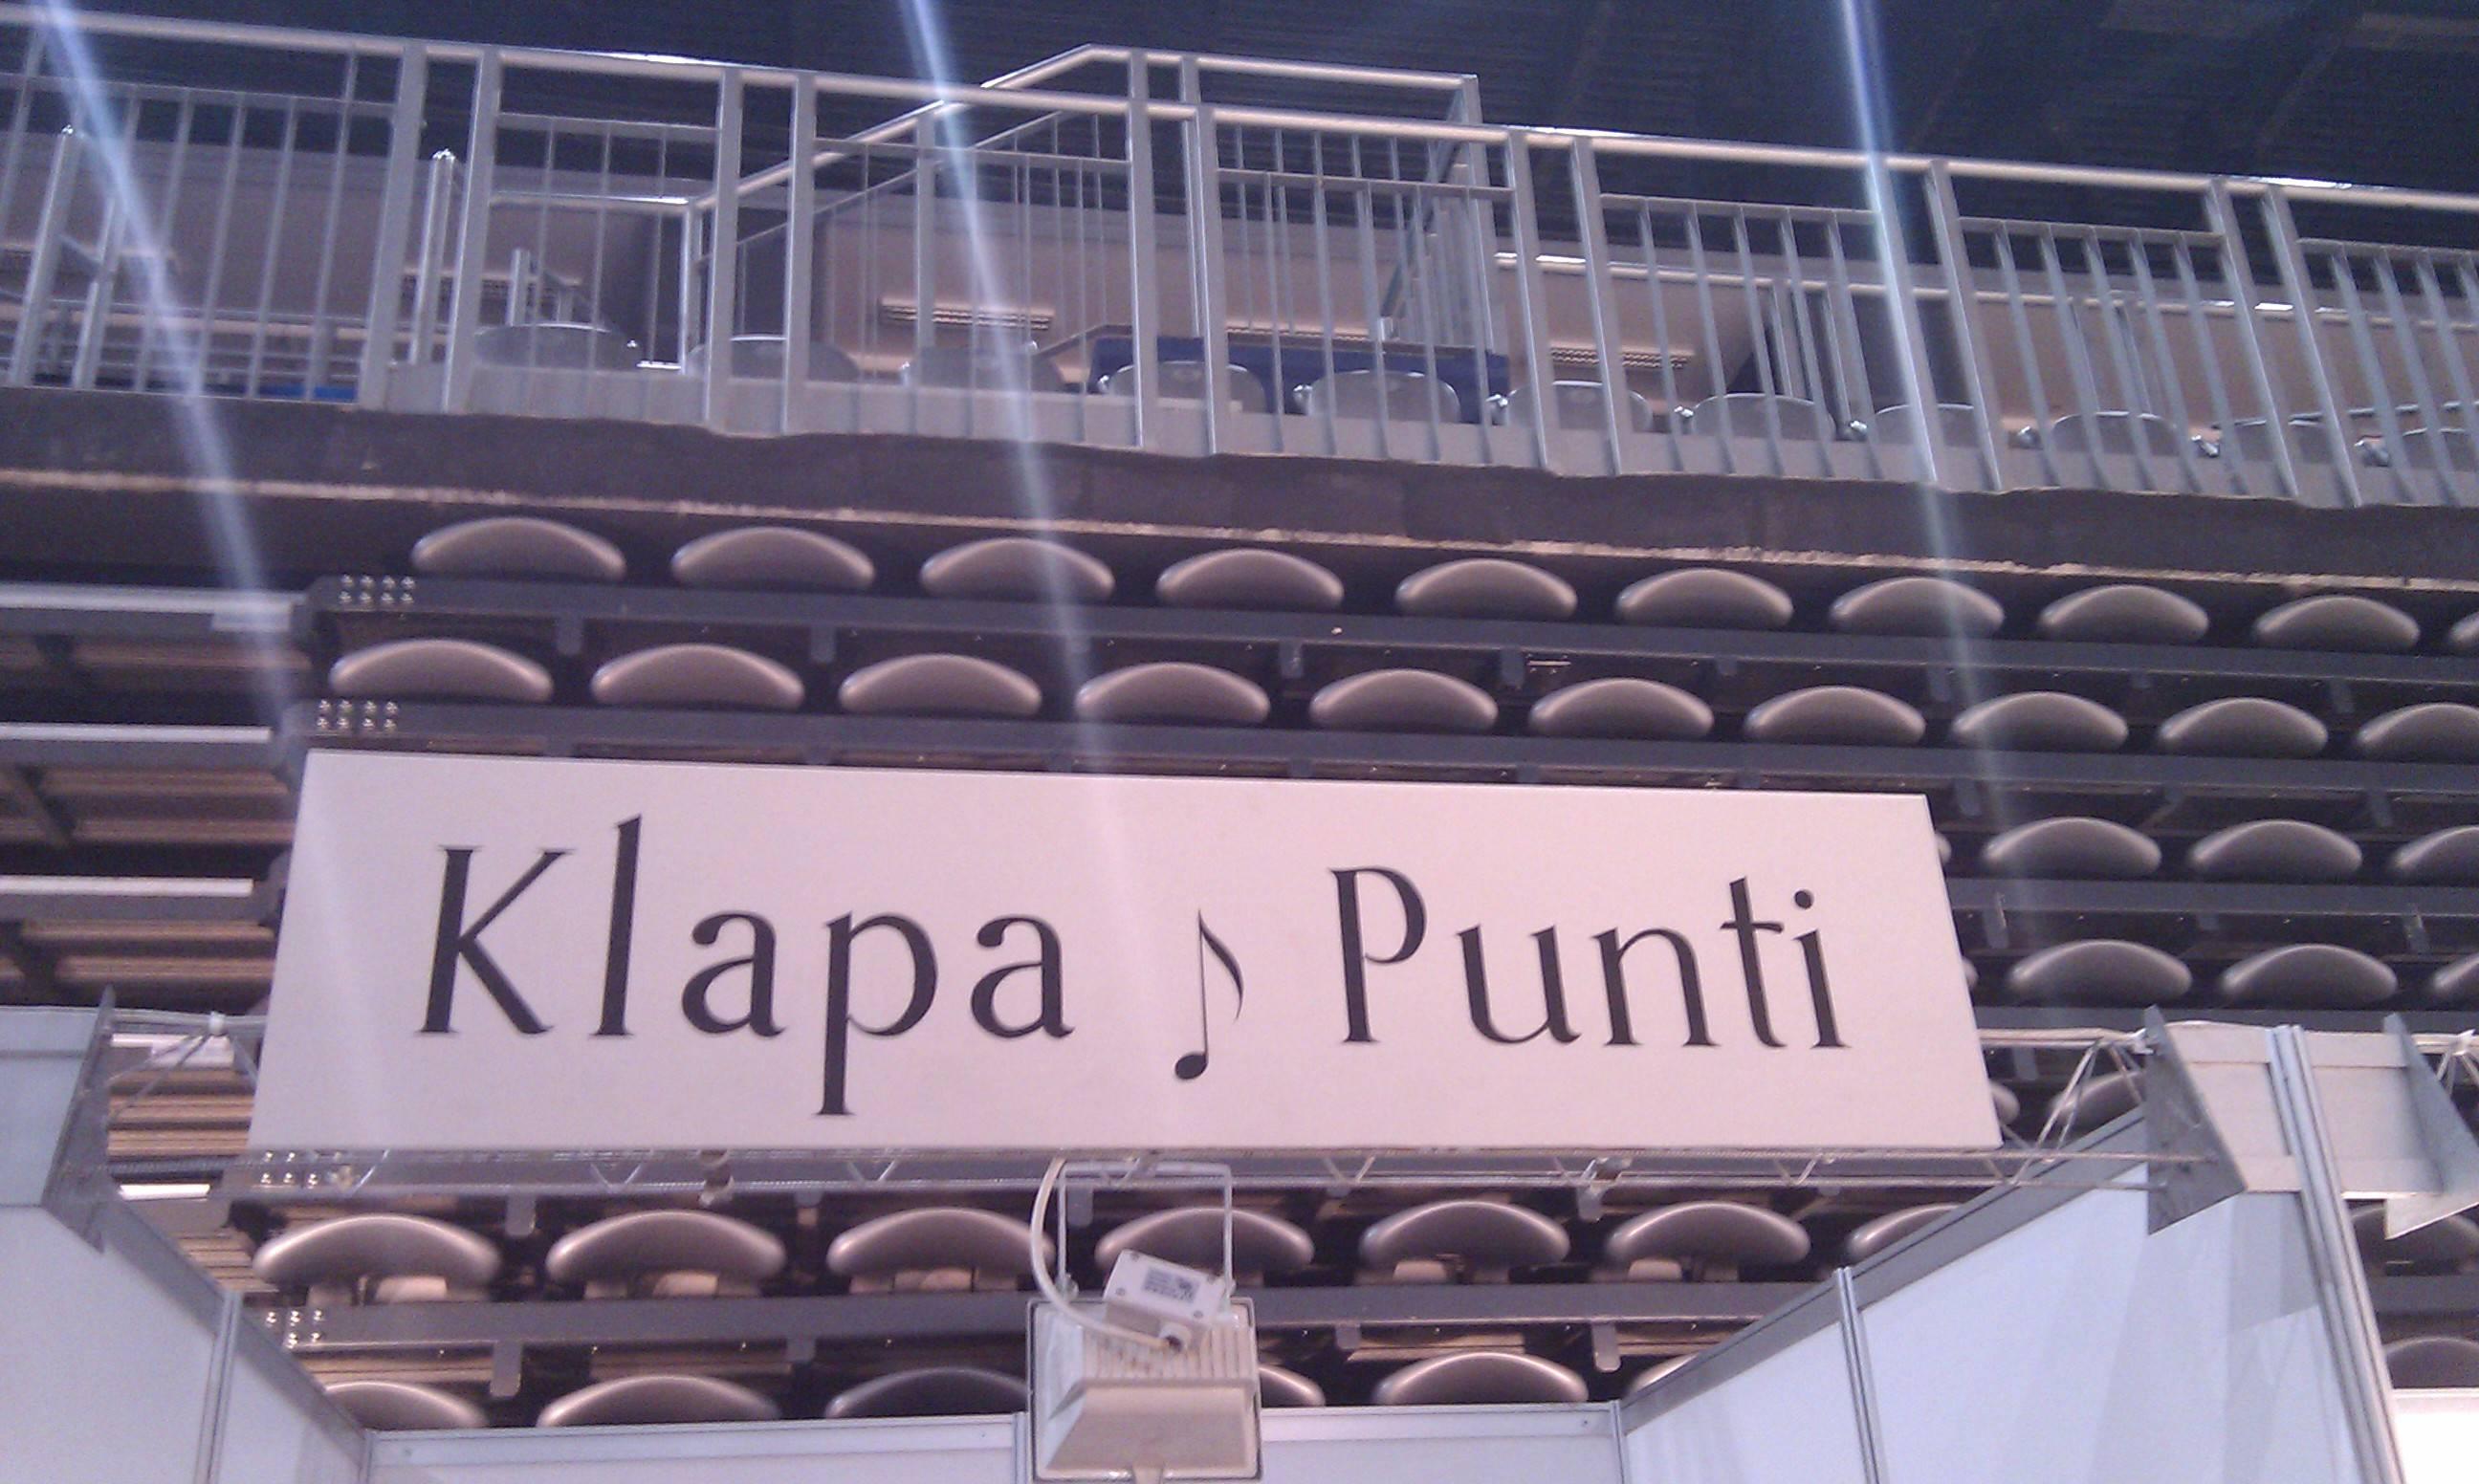 Postavljanje standa Klape Punti- Sajam vjencanja Arena Zg 2013.